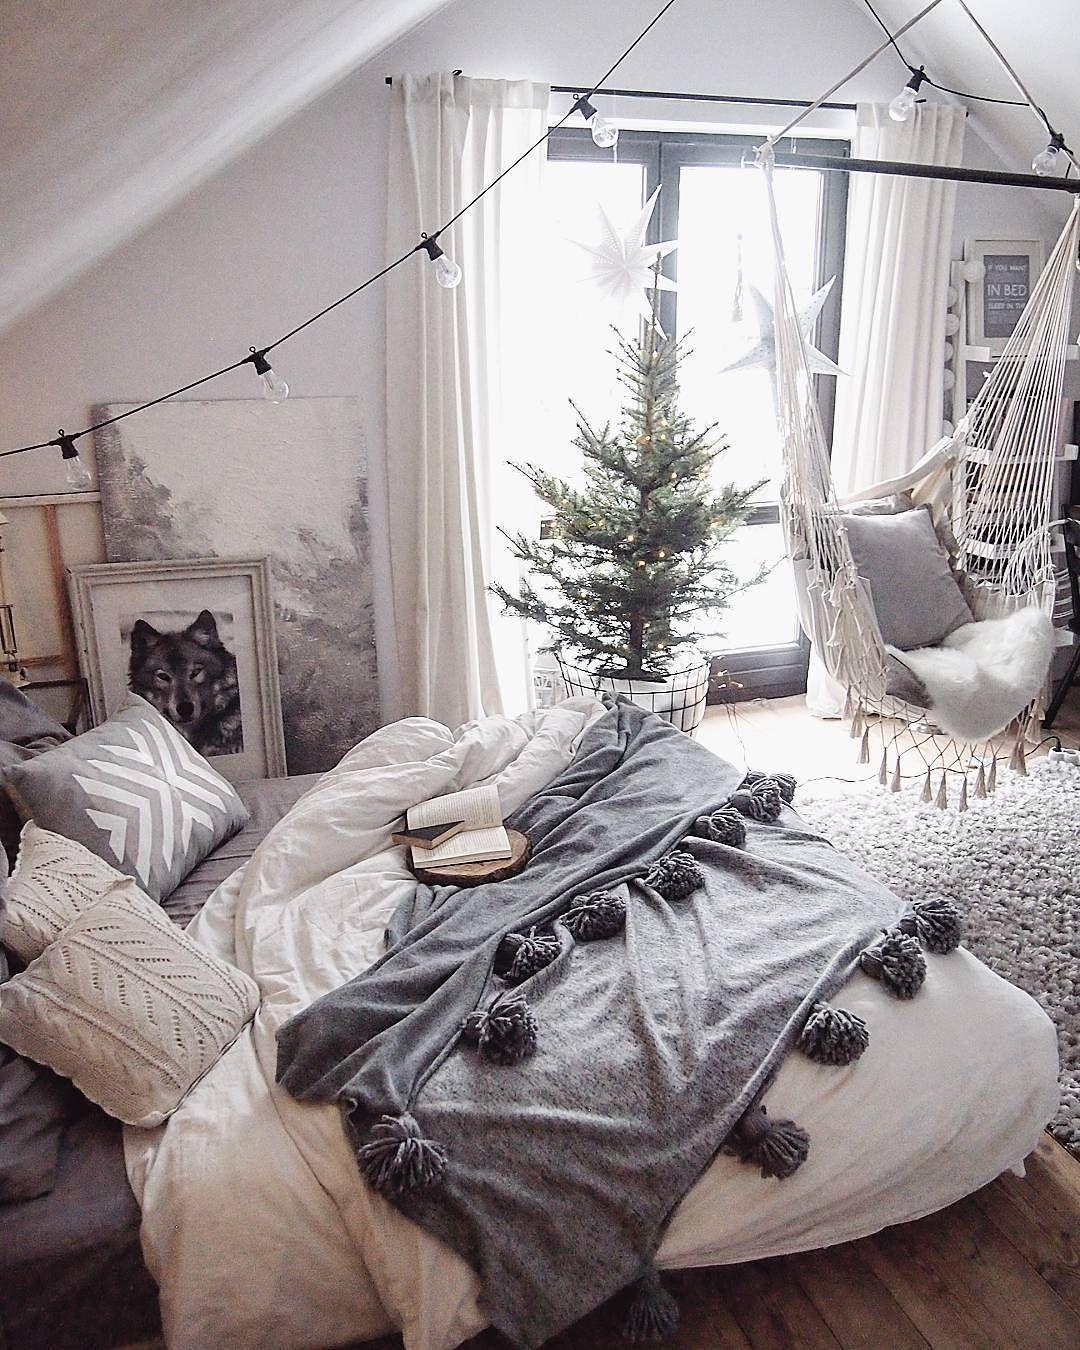 Bettgeflüster | Living | Pinterest | Bettgeflüster, Schlafzimmer und ...